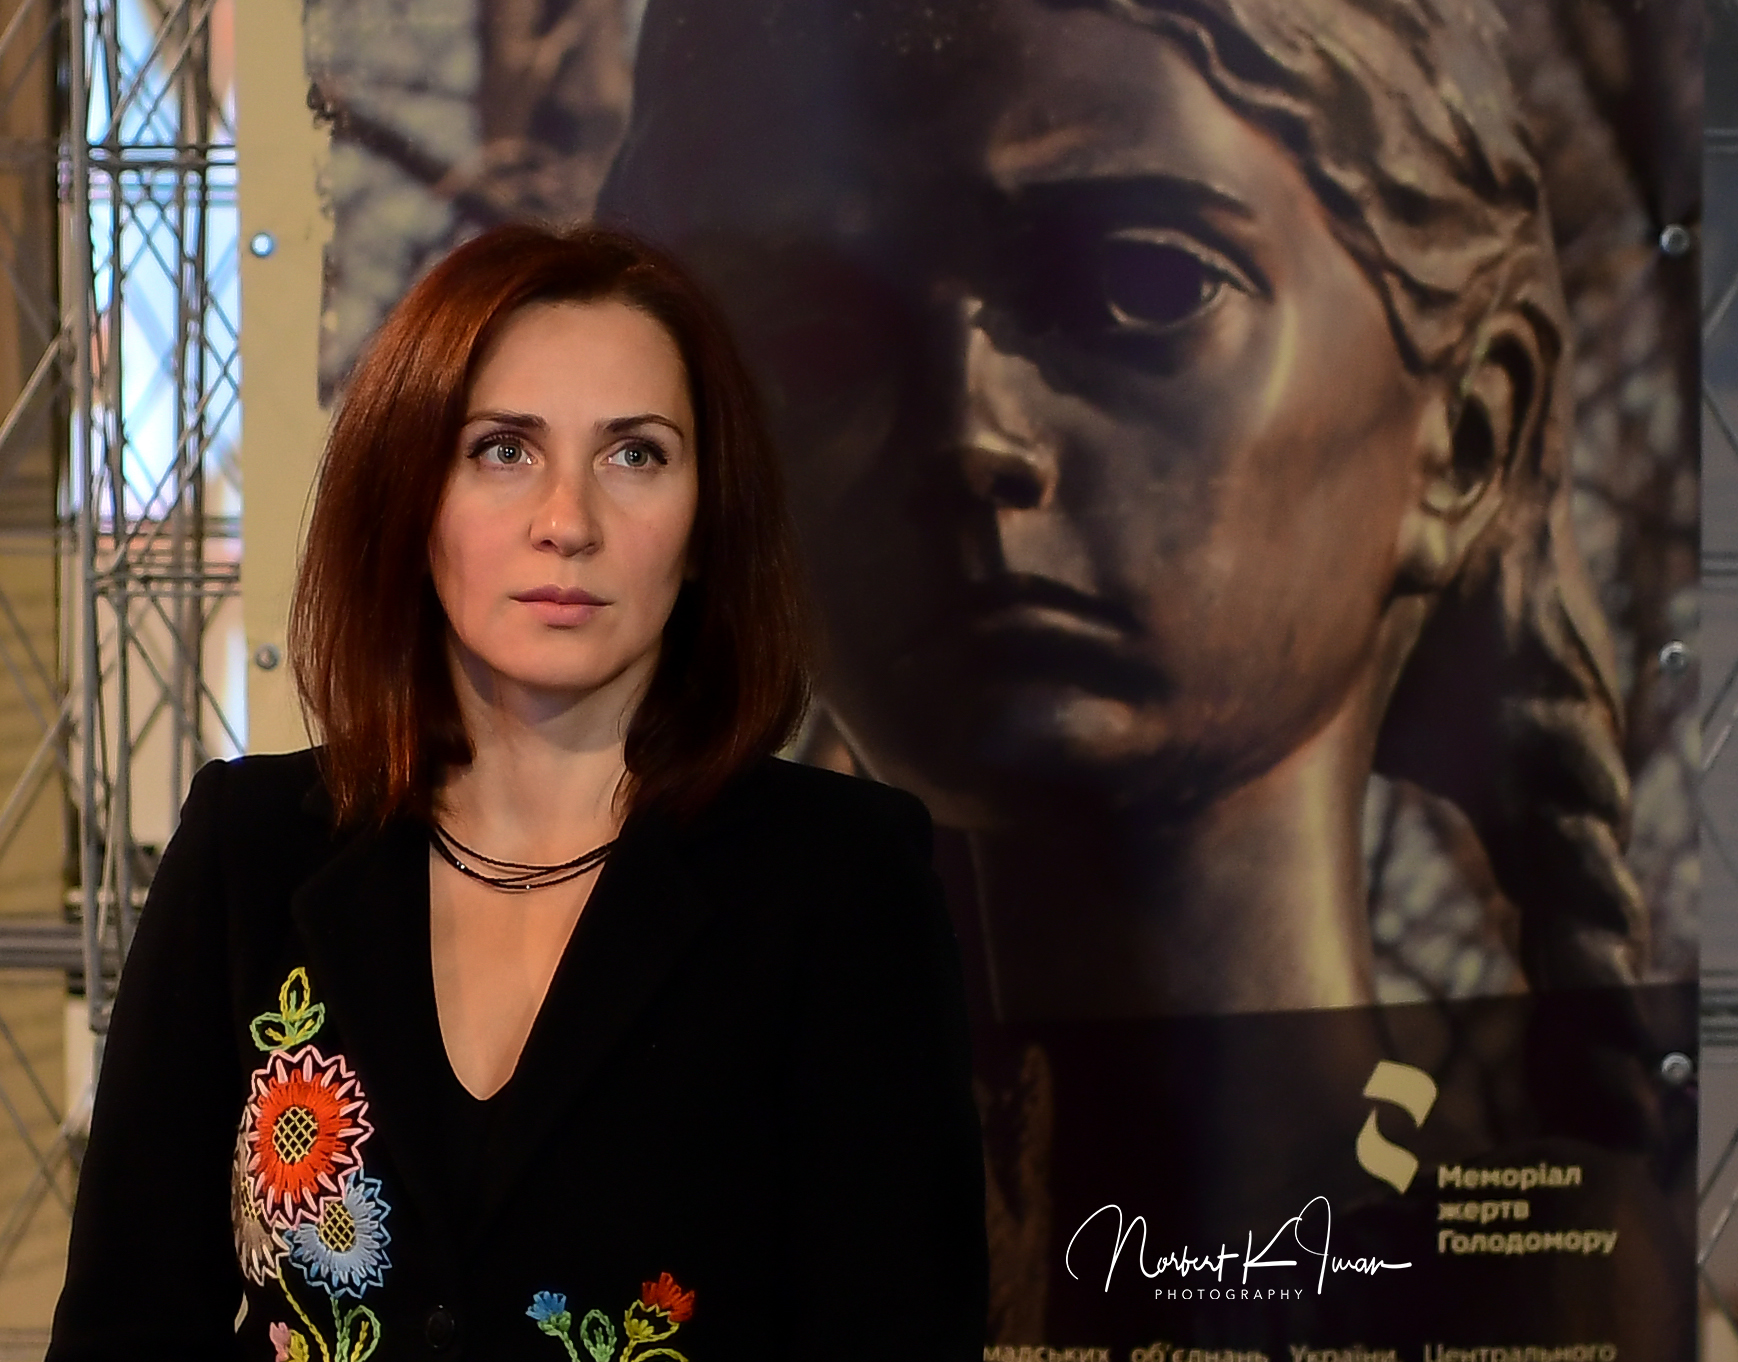 На фото зображена Олеся Стасюк у чорному піджаку, що прикрашають вишиті кольорові квіти, на фоні фотографії обличчя скульптури дівчинки з 5 колосками